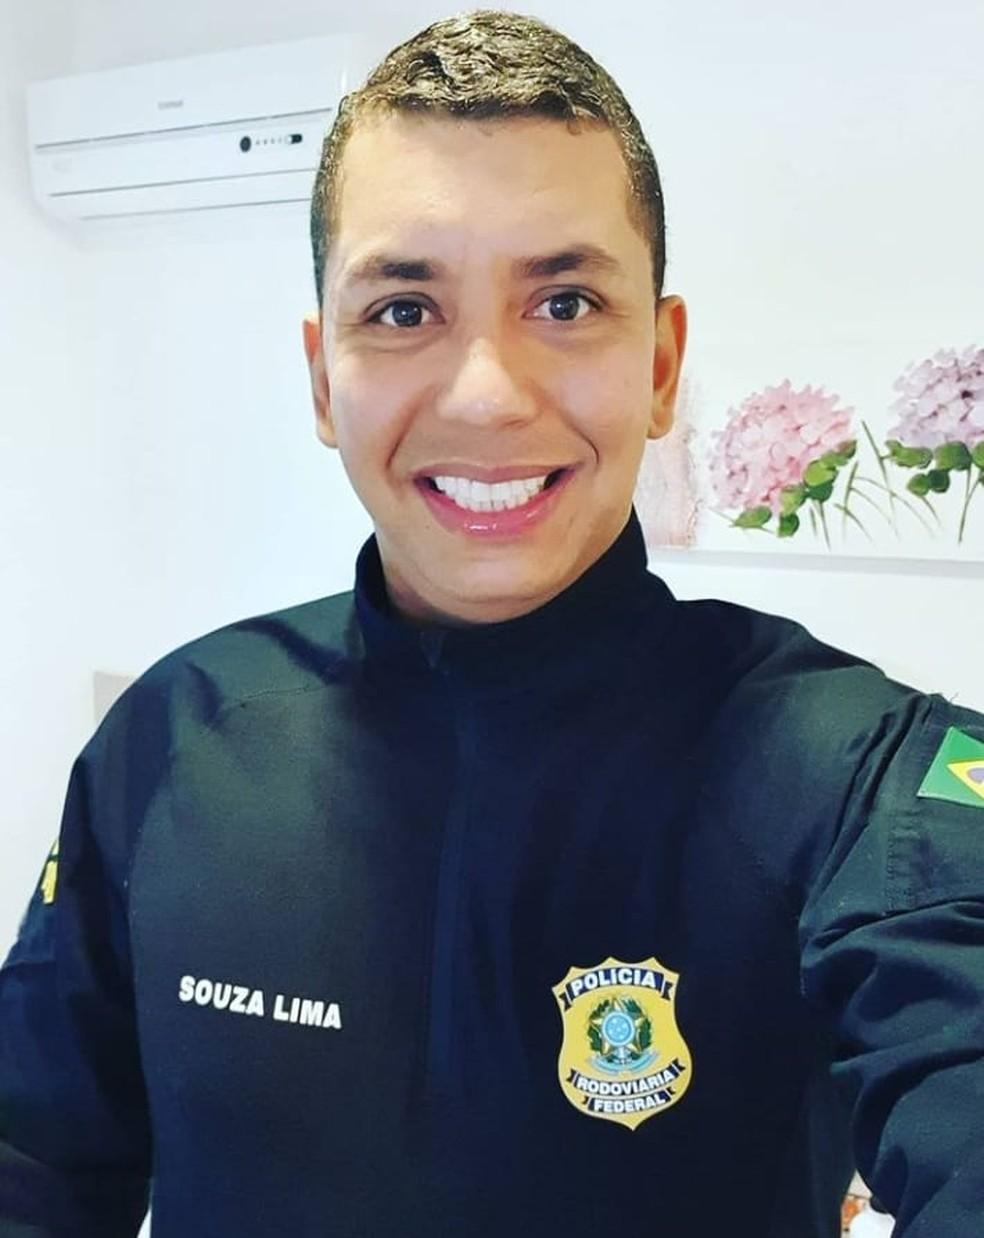 Eduardo Souza de Lima Júnior tinha 37 anos e foi morto na madrugada deste domingo (10), no Recife — Foto: Reprodução/WhatsApp